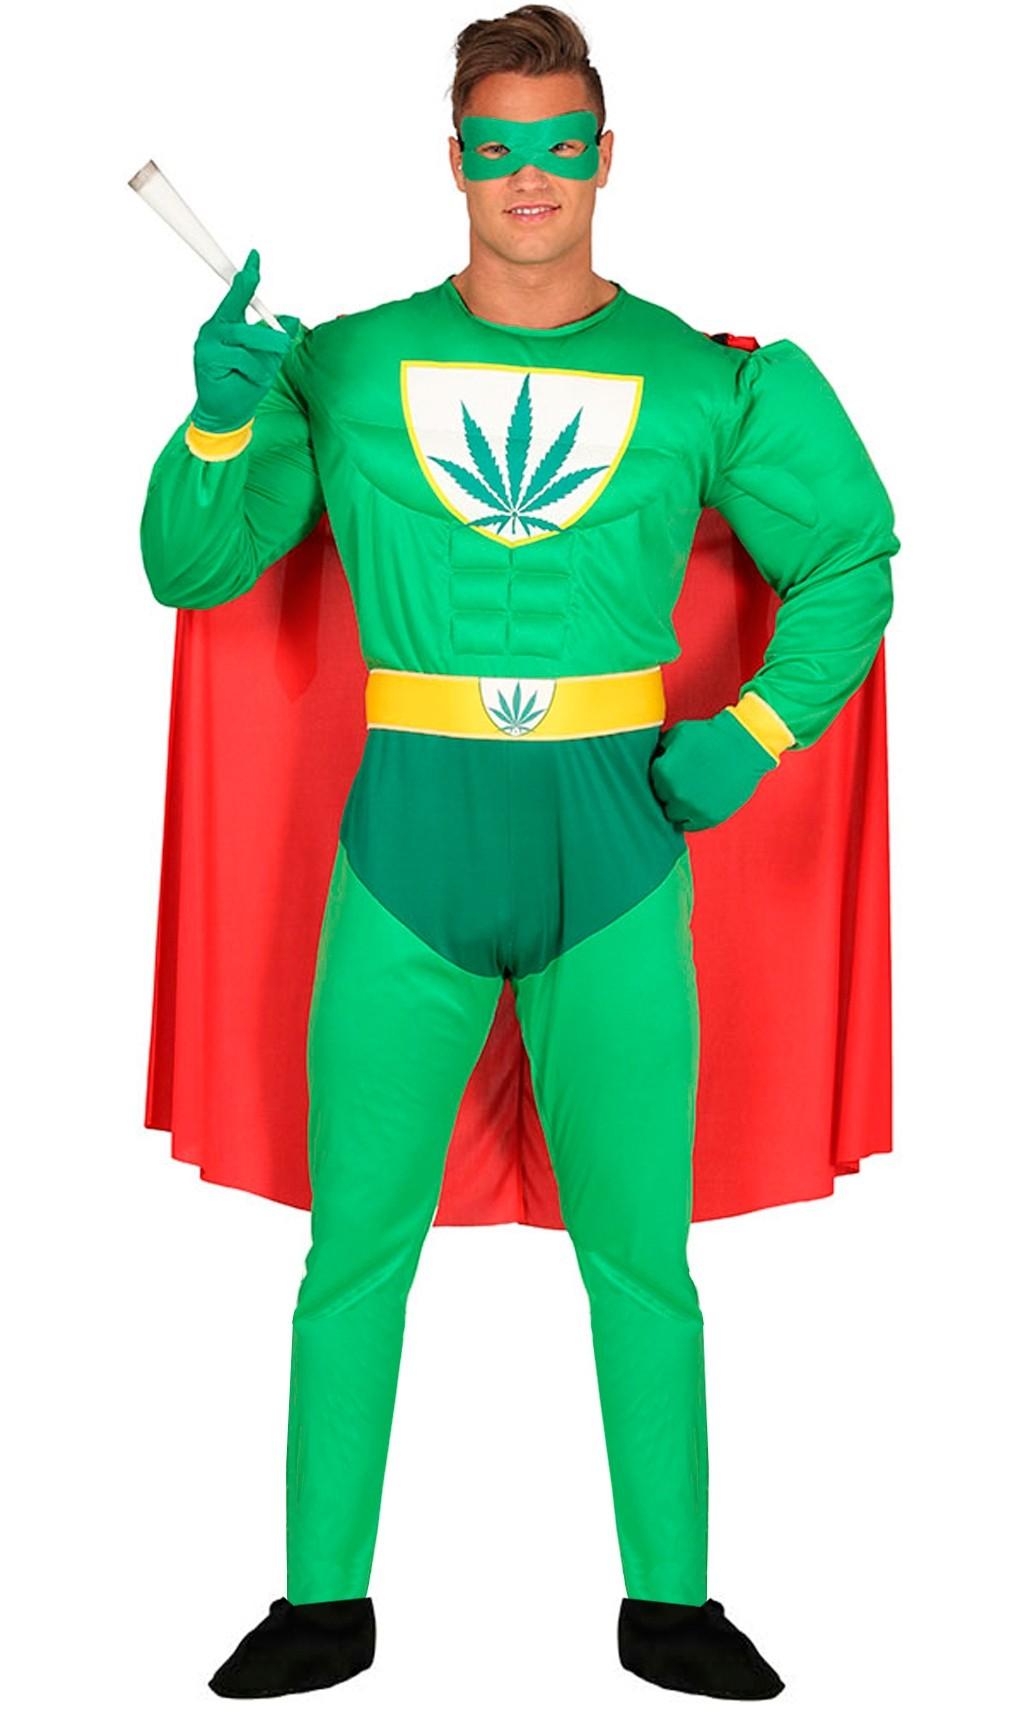 deguisement adulte super héros